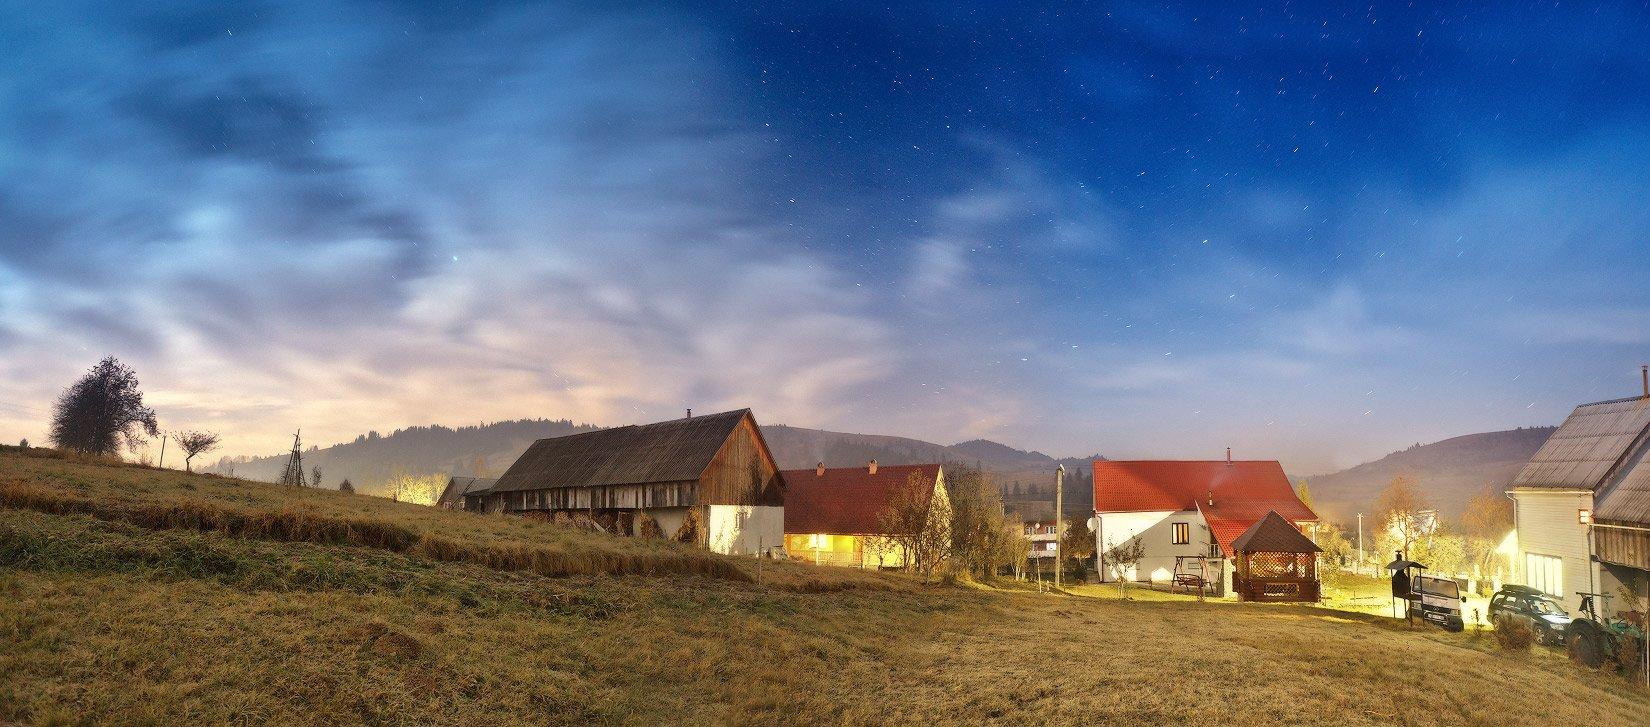 карпаты, ночь, ноябрь, осень, панорама, пилипец, Вейзе Максим